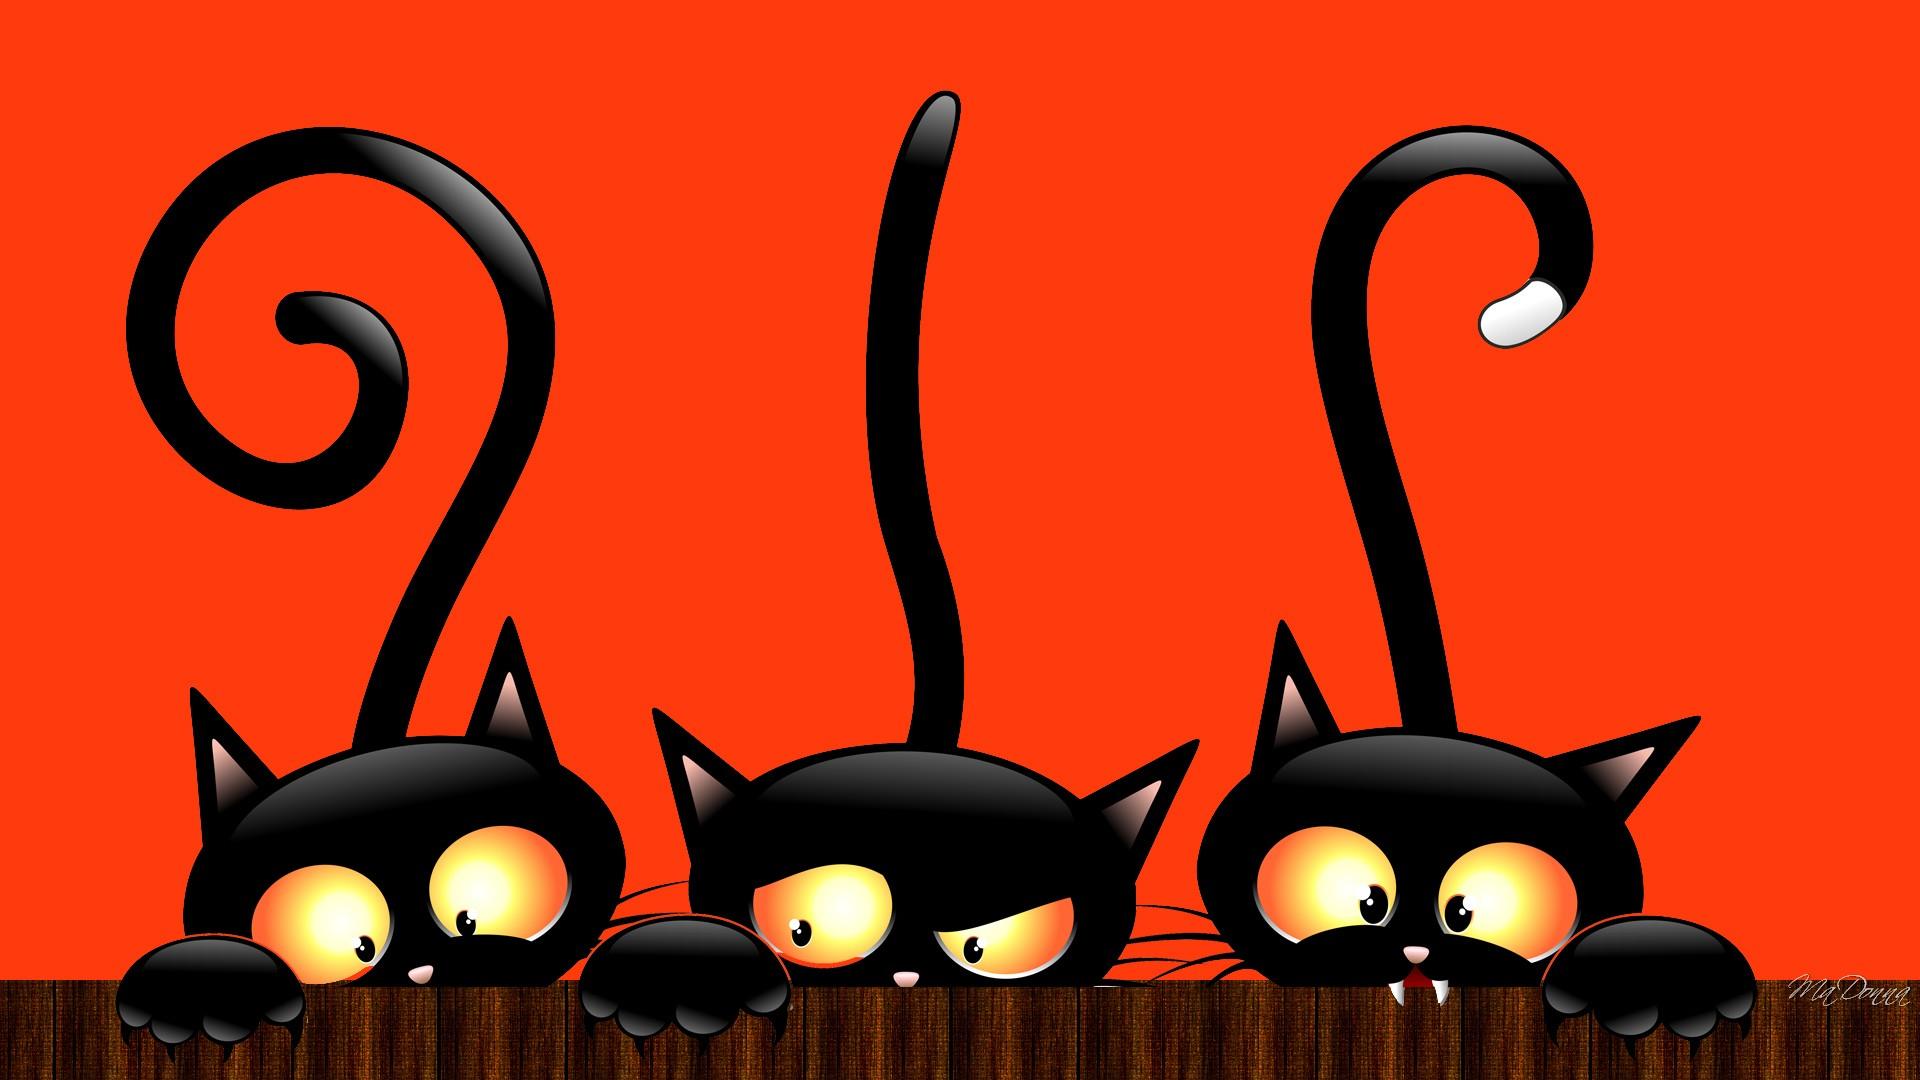 1920x1200 cute cat halloween wallpaper halloween cat wallpaper. Halloween Backgrounds Free Download Pixelstalk Net